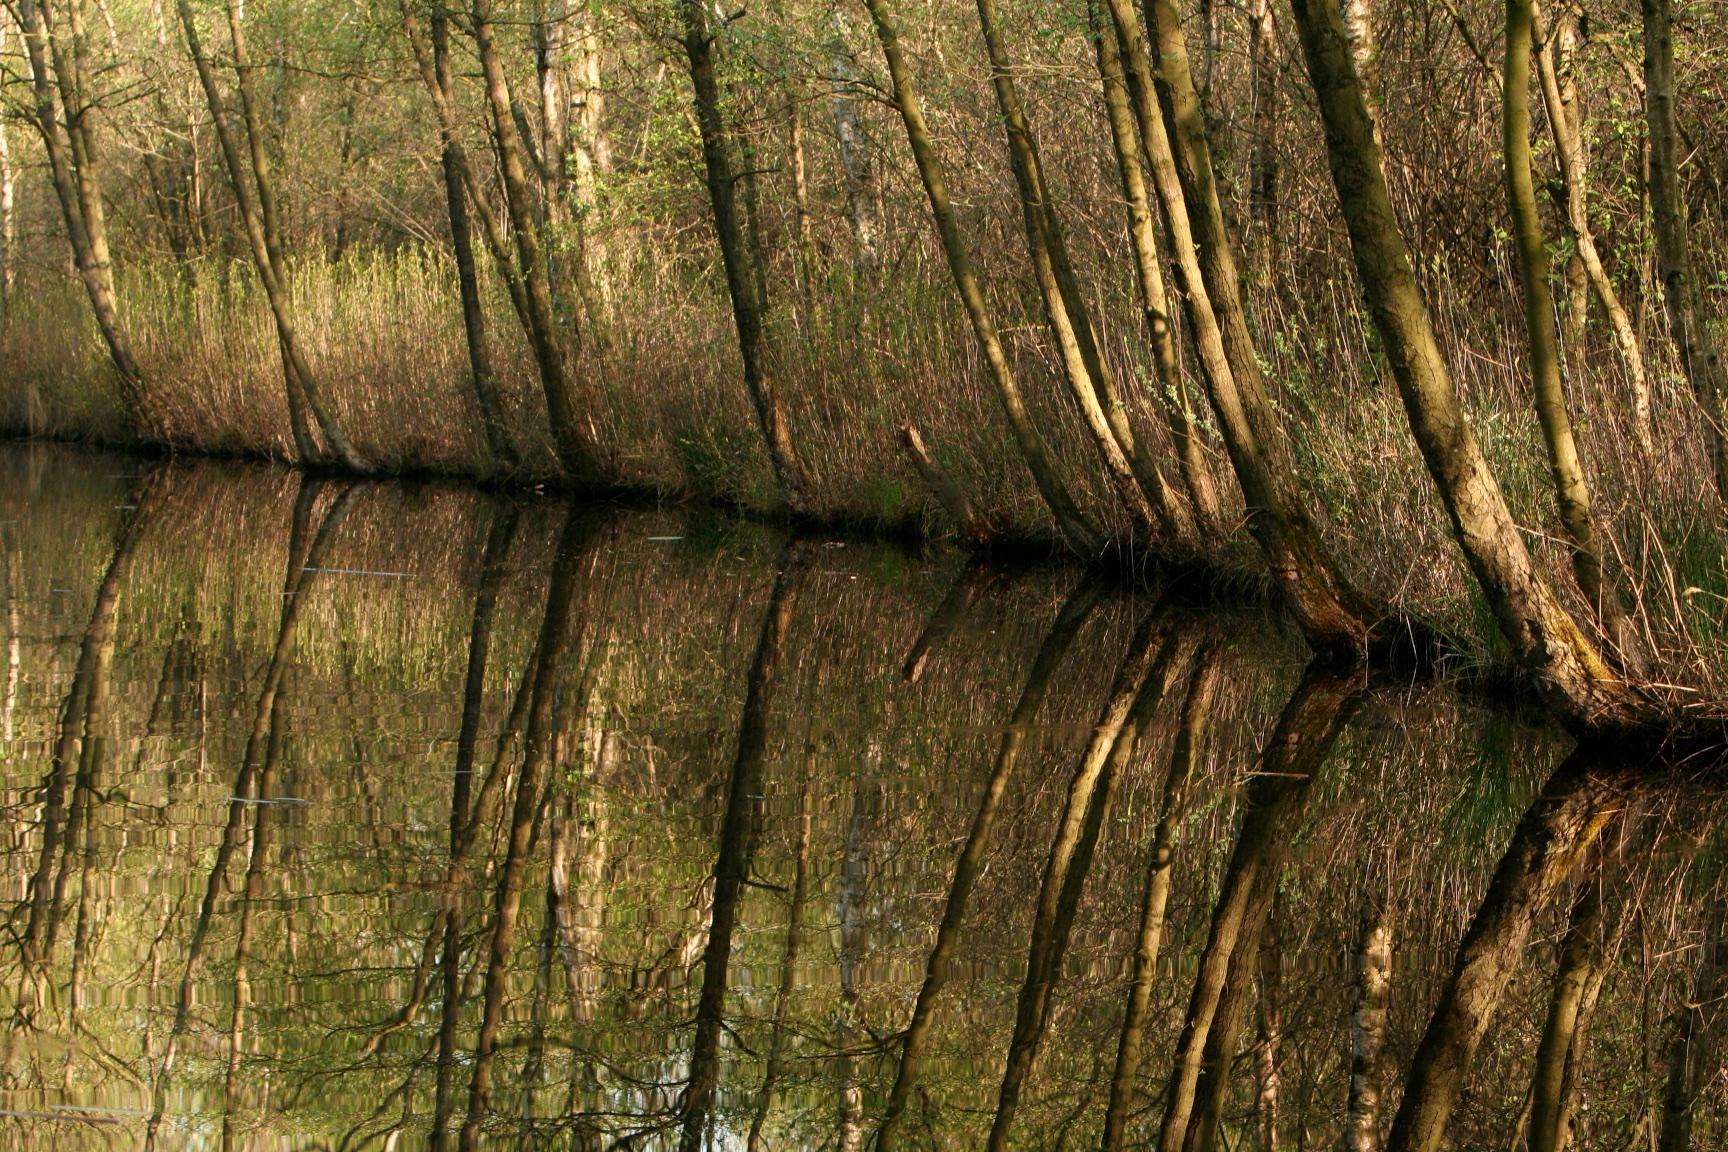 Martelaarsgracht, het mooiste stukje Naardermeer: hier in het moerasbos groeit gewoon actief levend veen met veenmoskussens, daar hoef je geen bos voor te kappen